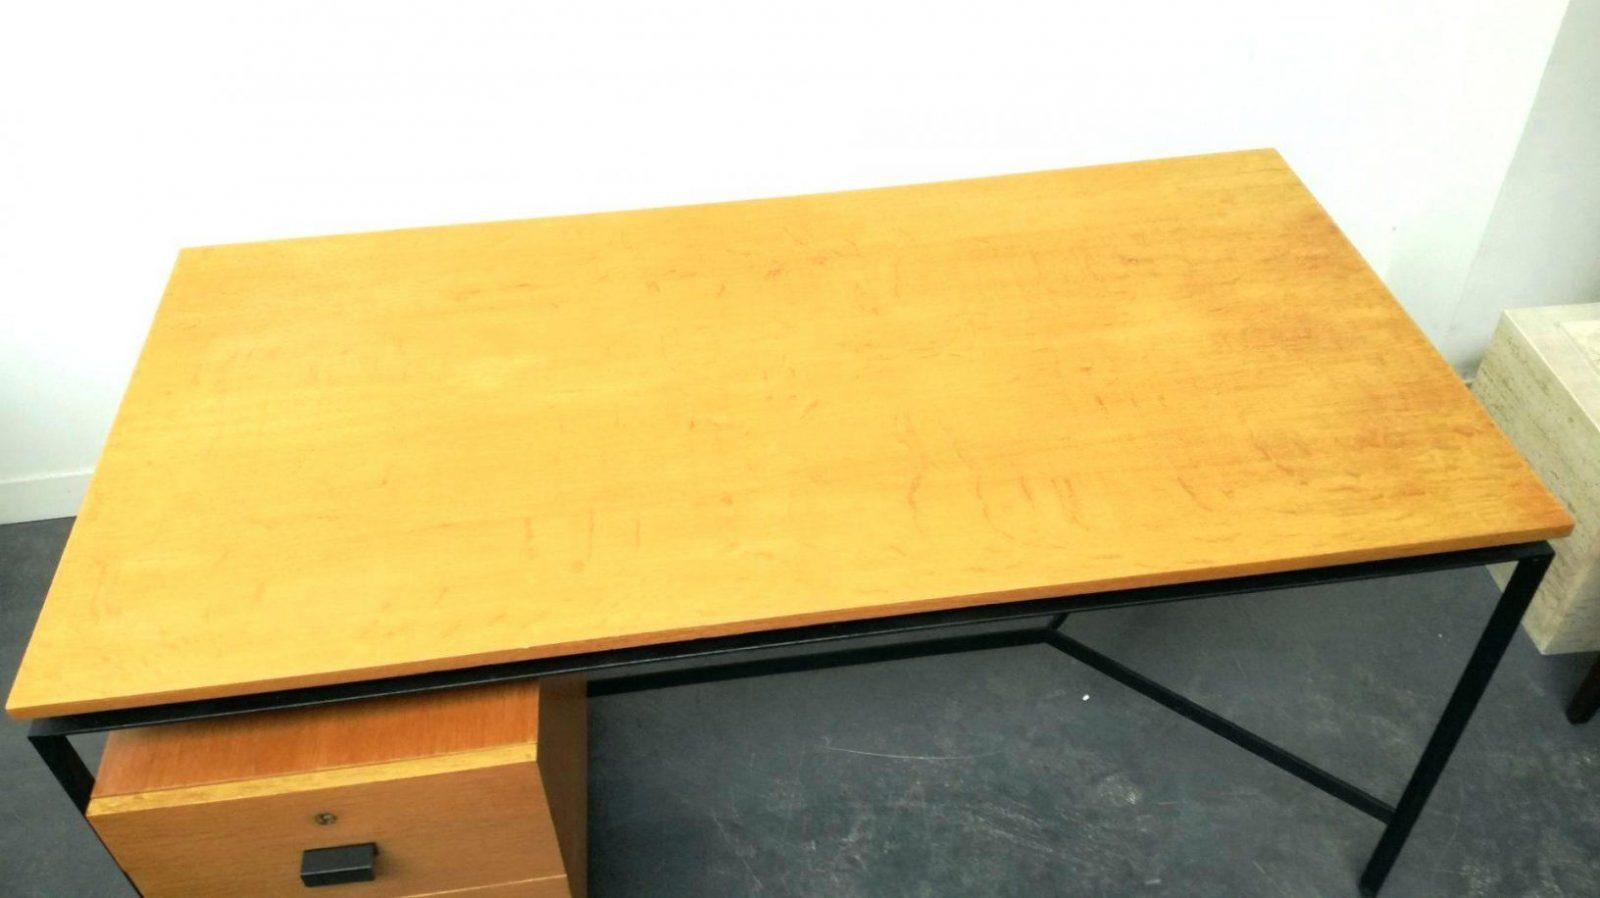 Usm Haller Nachbau Mehr Bilder Von Genial Thonet Schreibtisch von Usm Haller Gebraucht Kaufen Photo